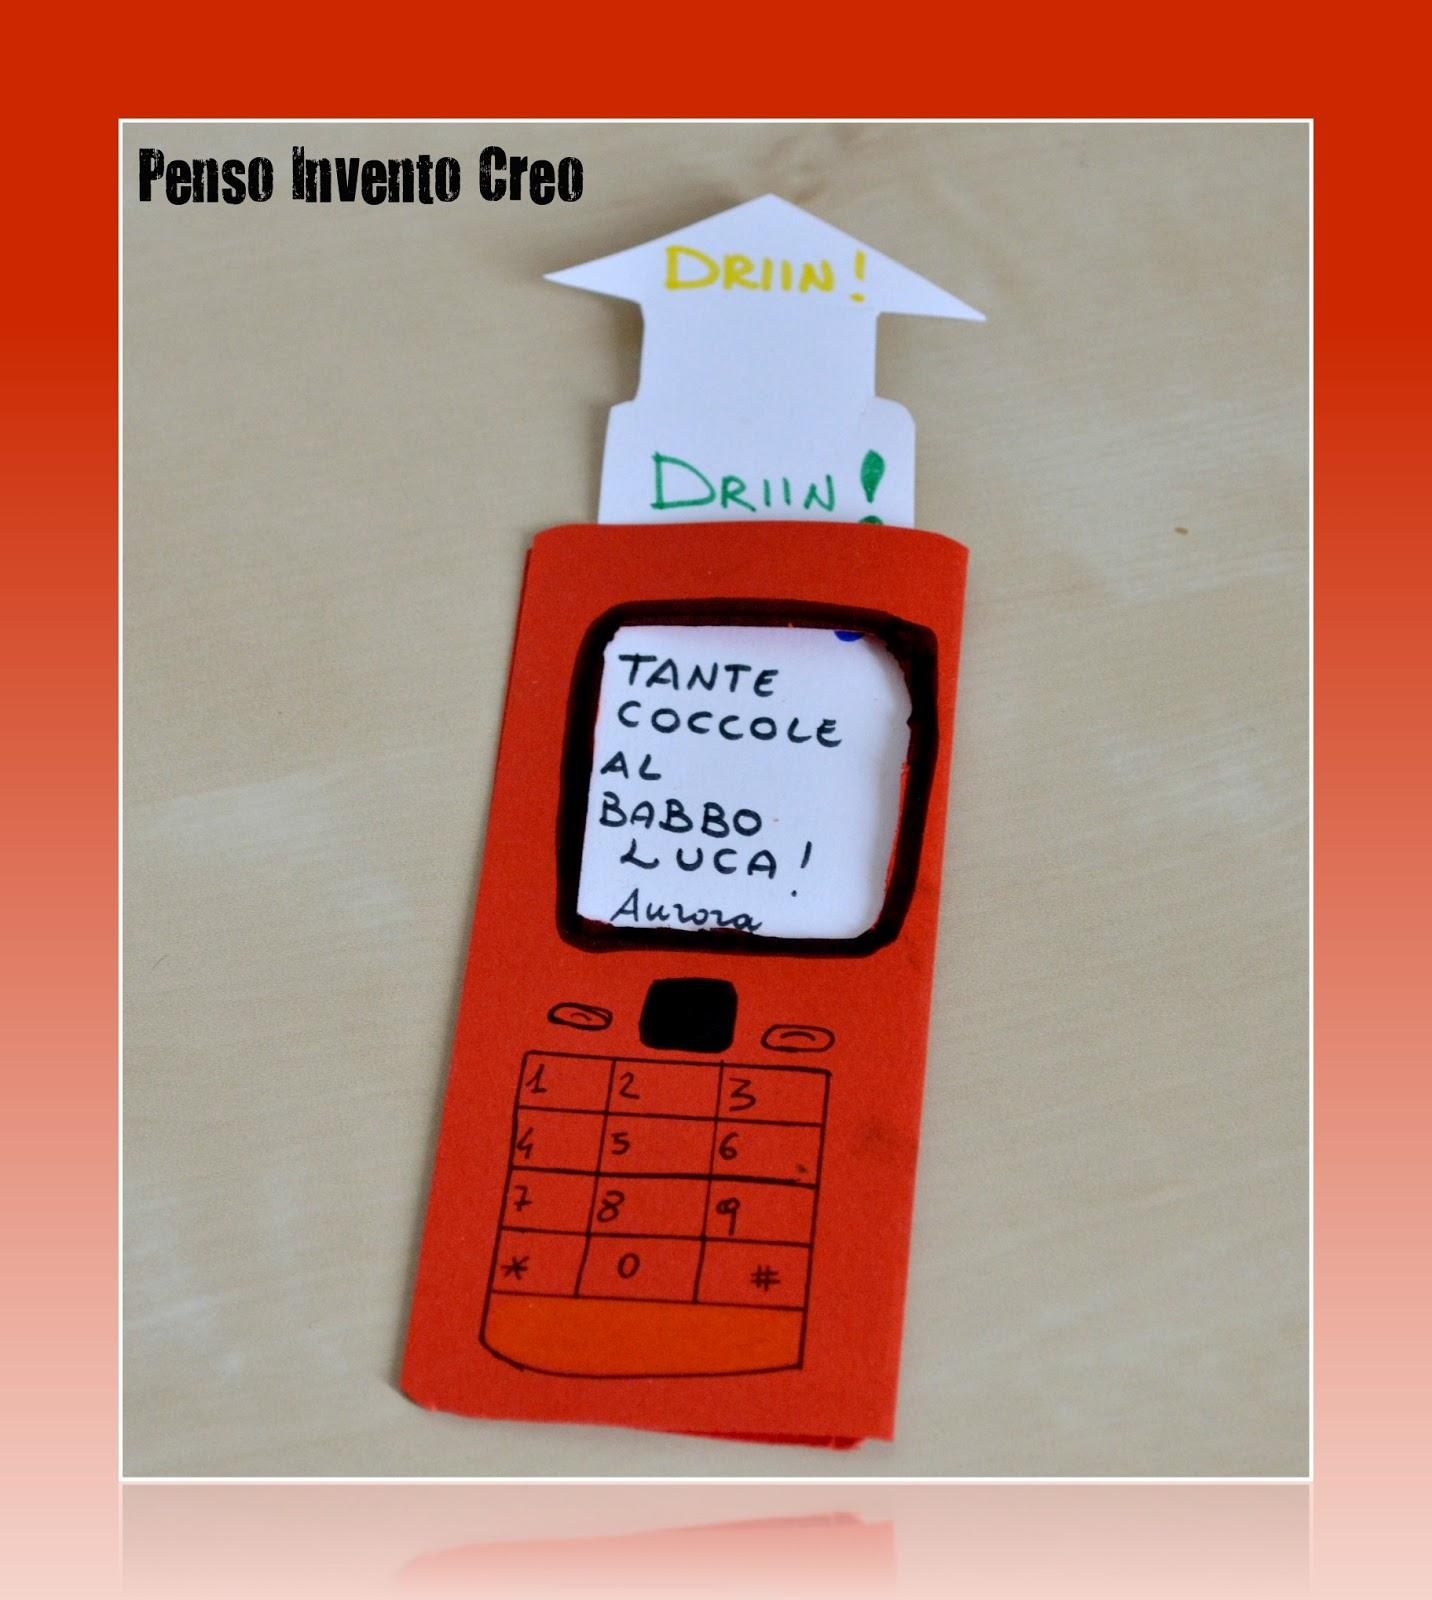 Eccezionale Festa del Papà: biglietto fai da te da stampare - Penso Invento Creo LY57